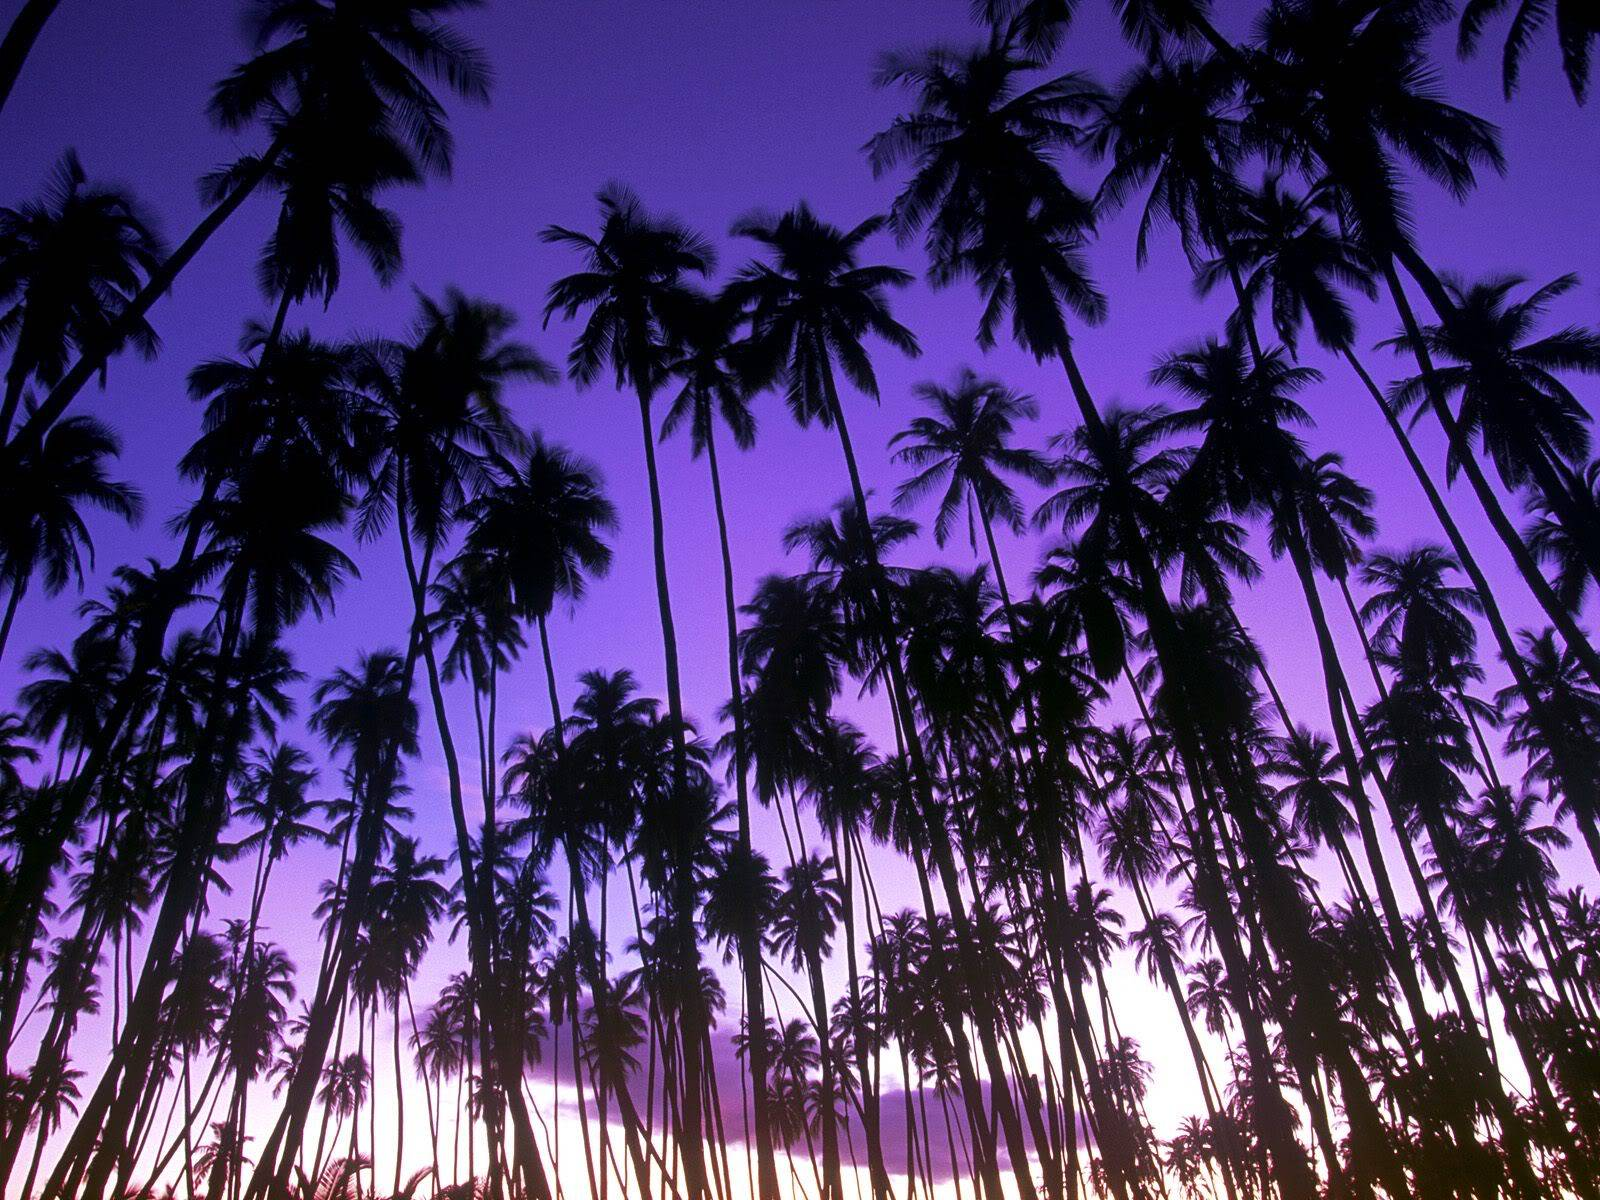 இயற்கை அழகு நிறைந்த காட்சிகள்  HawaiianPalmGrove